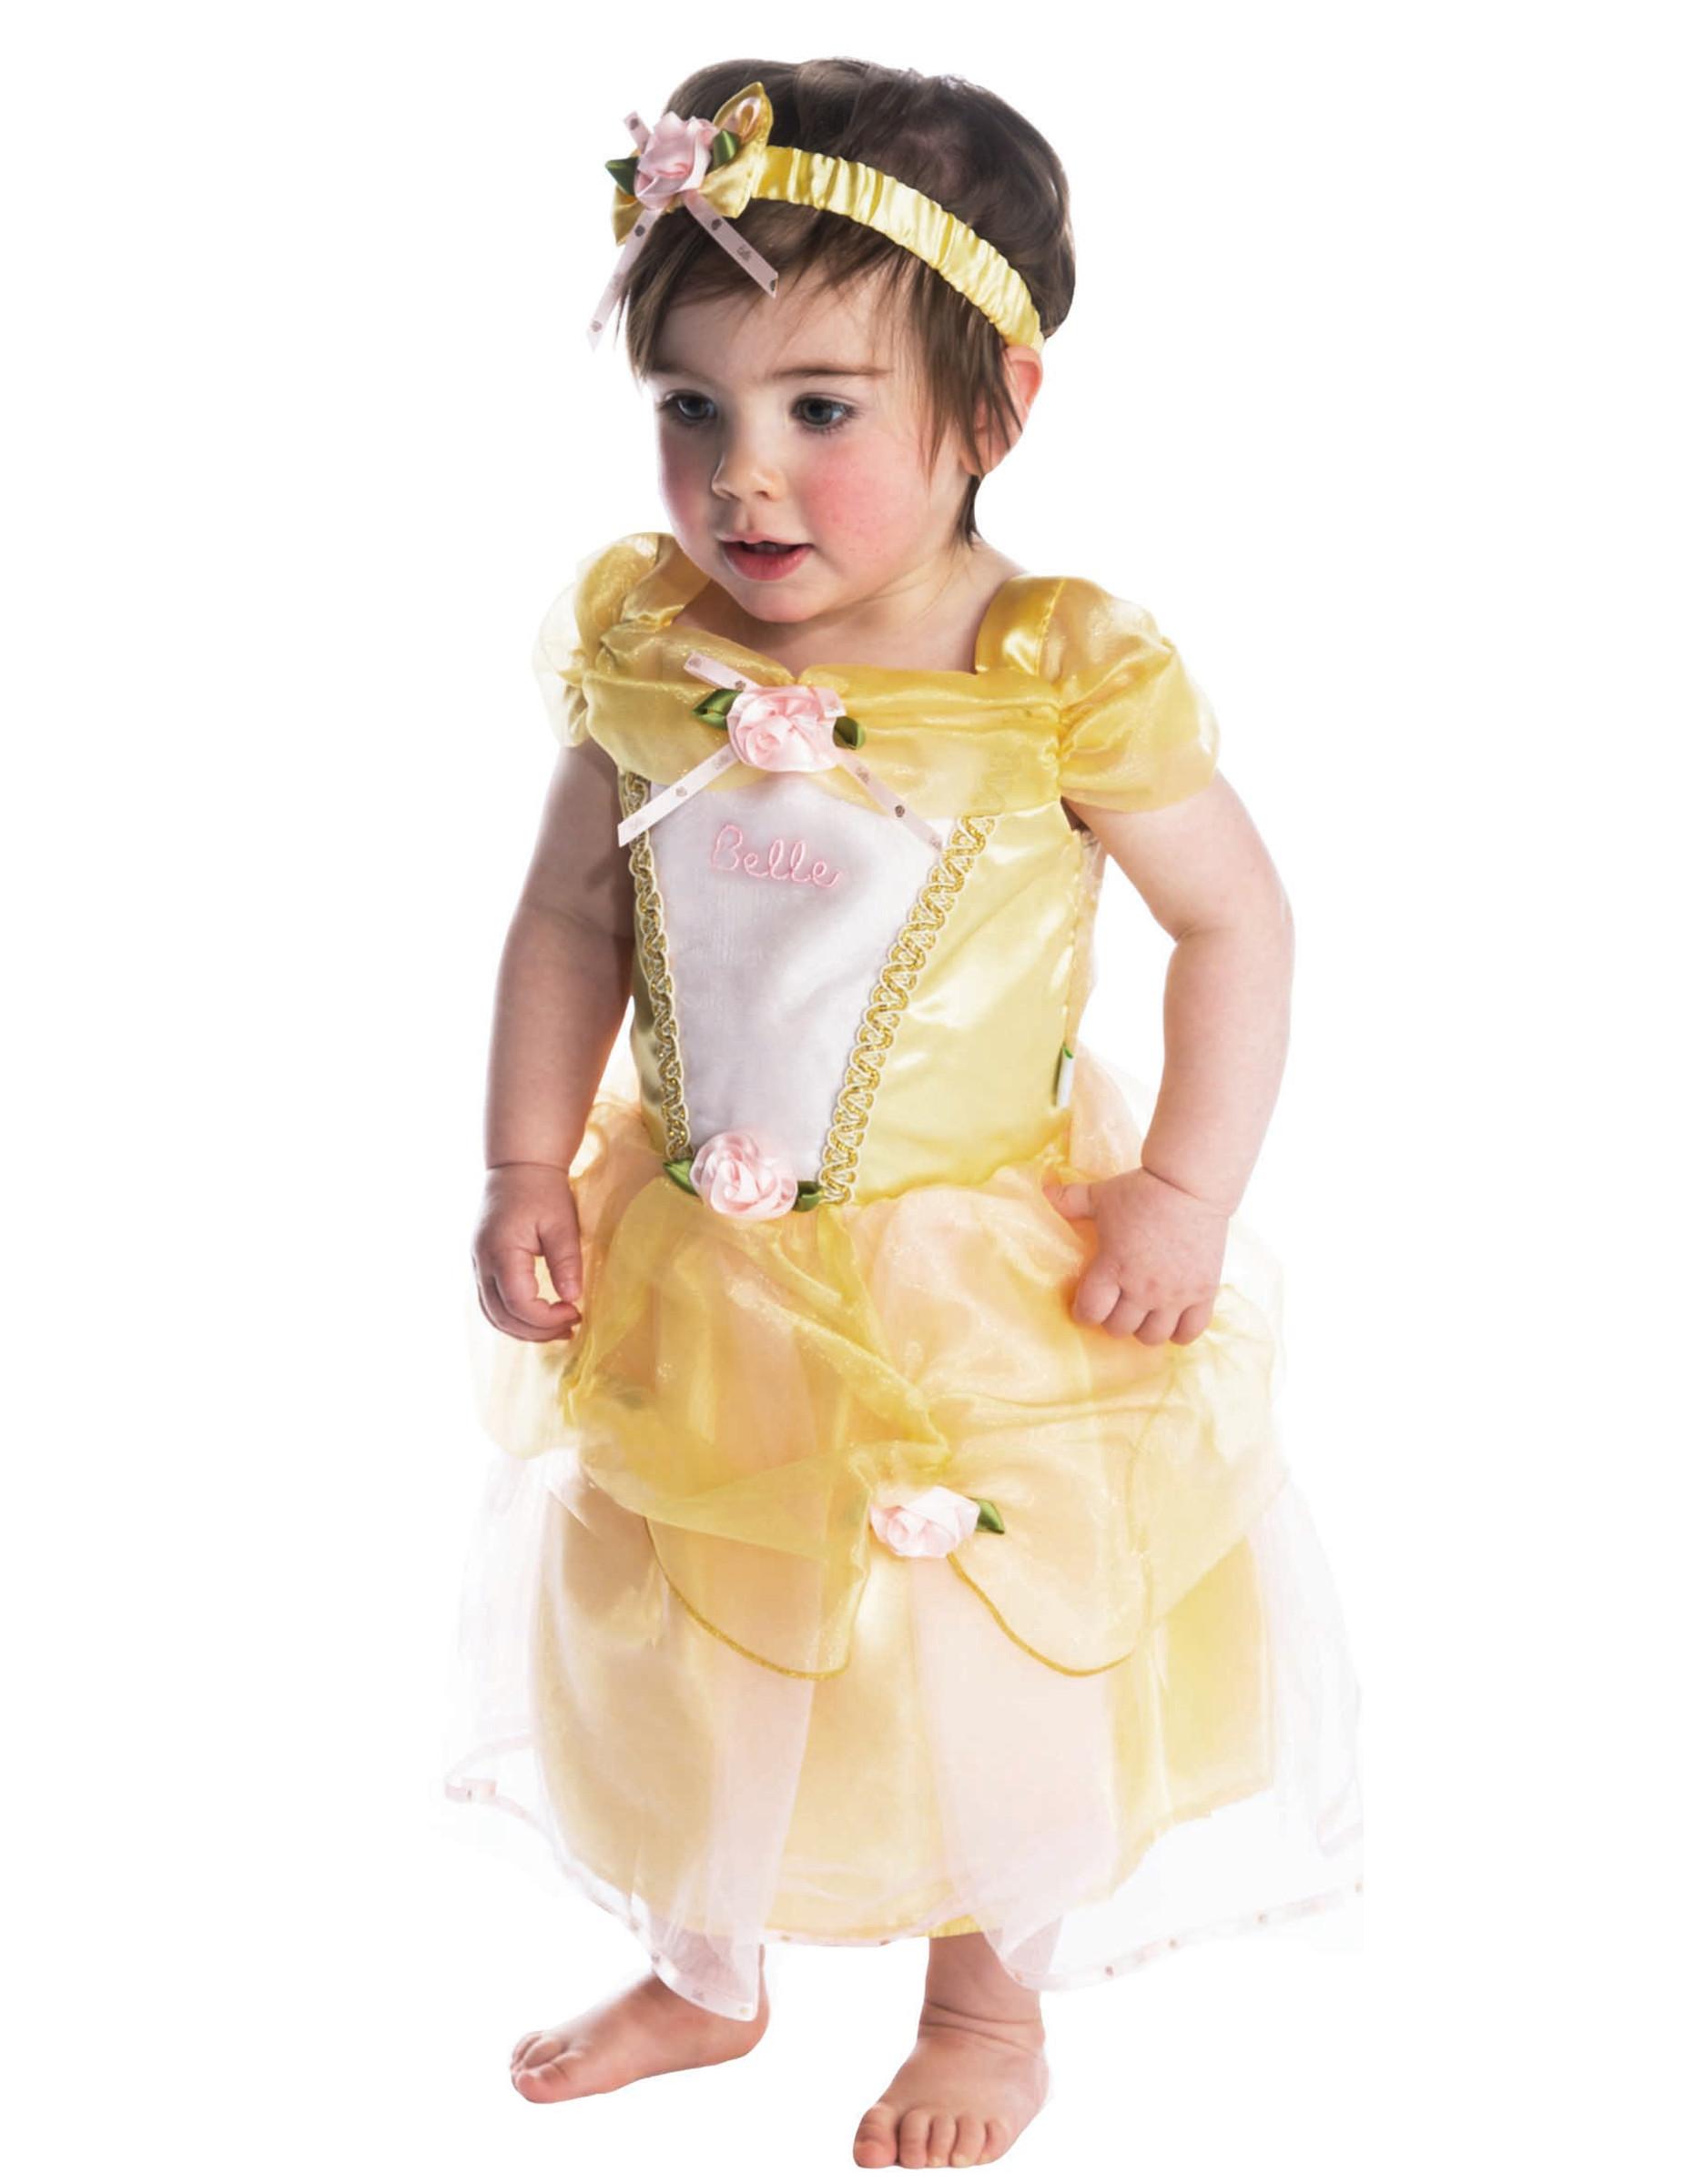 852f4cba565 Disfraz de Bella™ bebé Deluxe  Disfraces niños